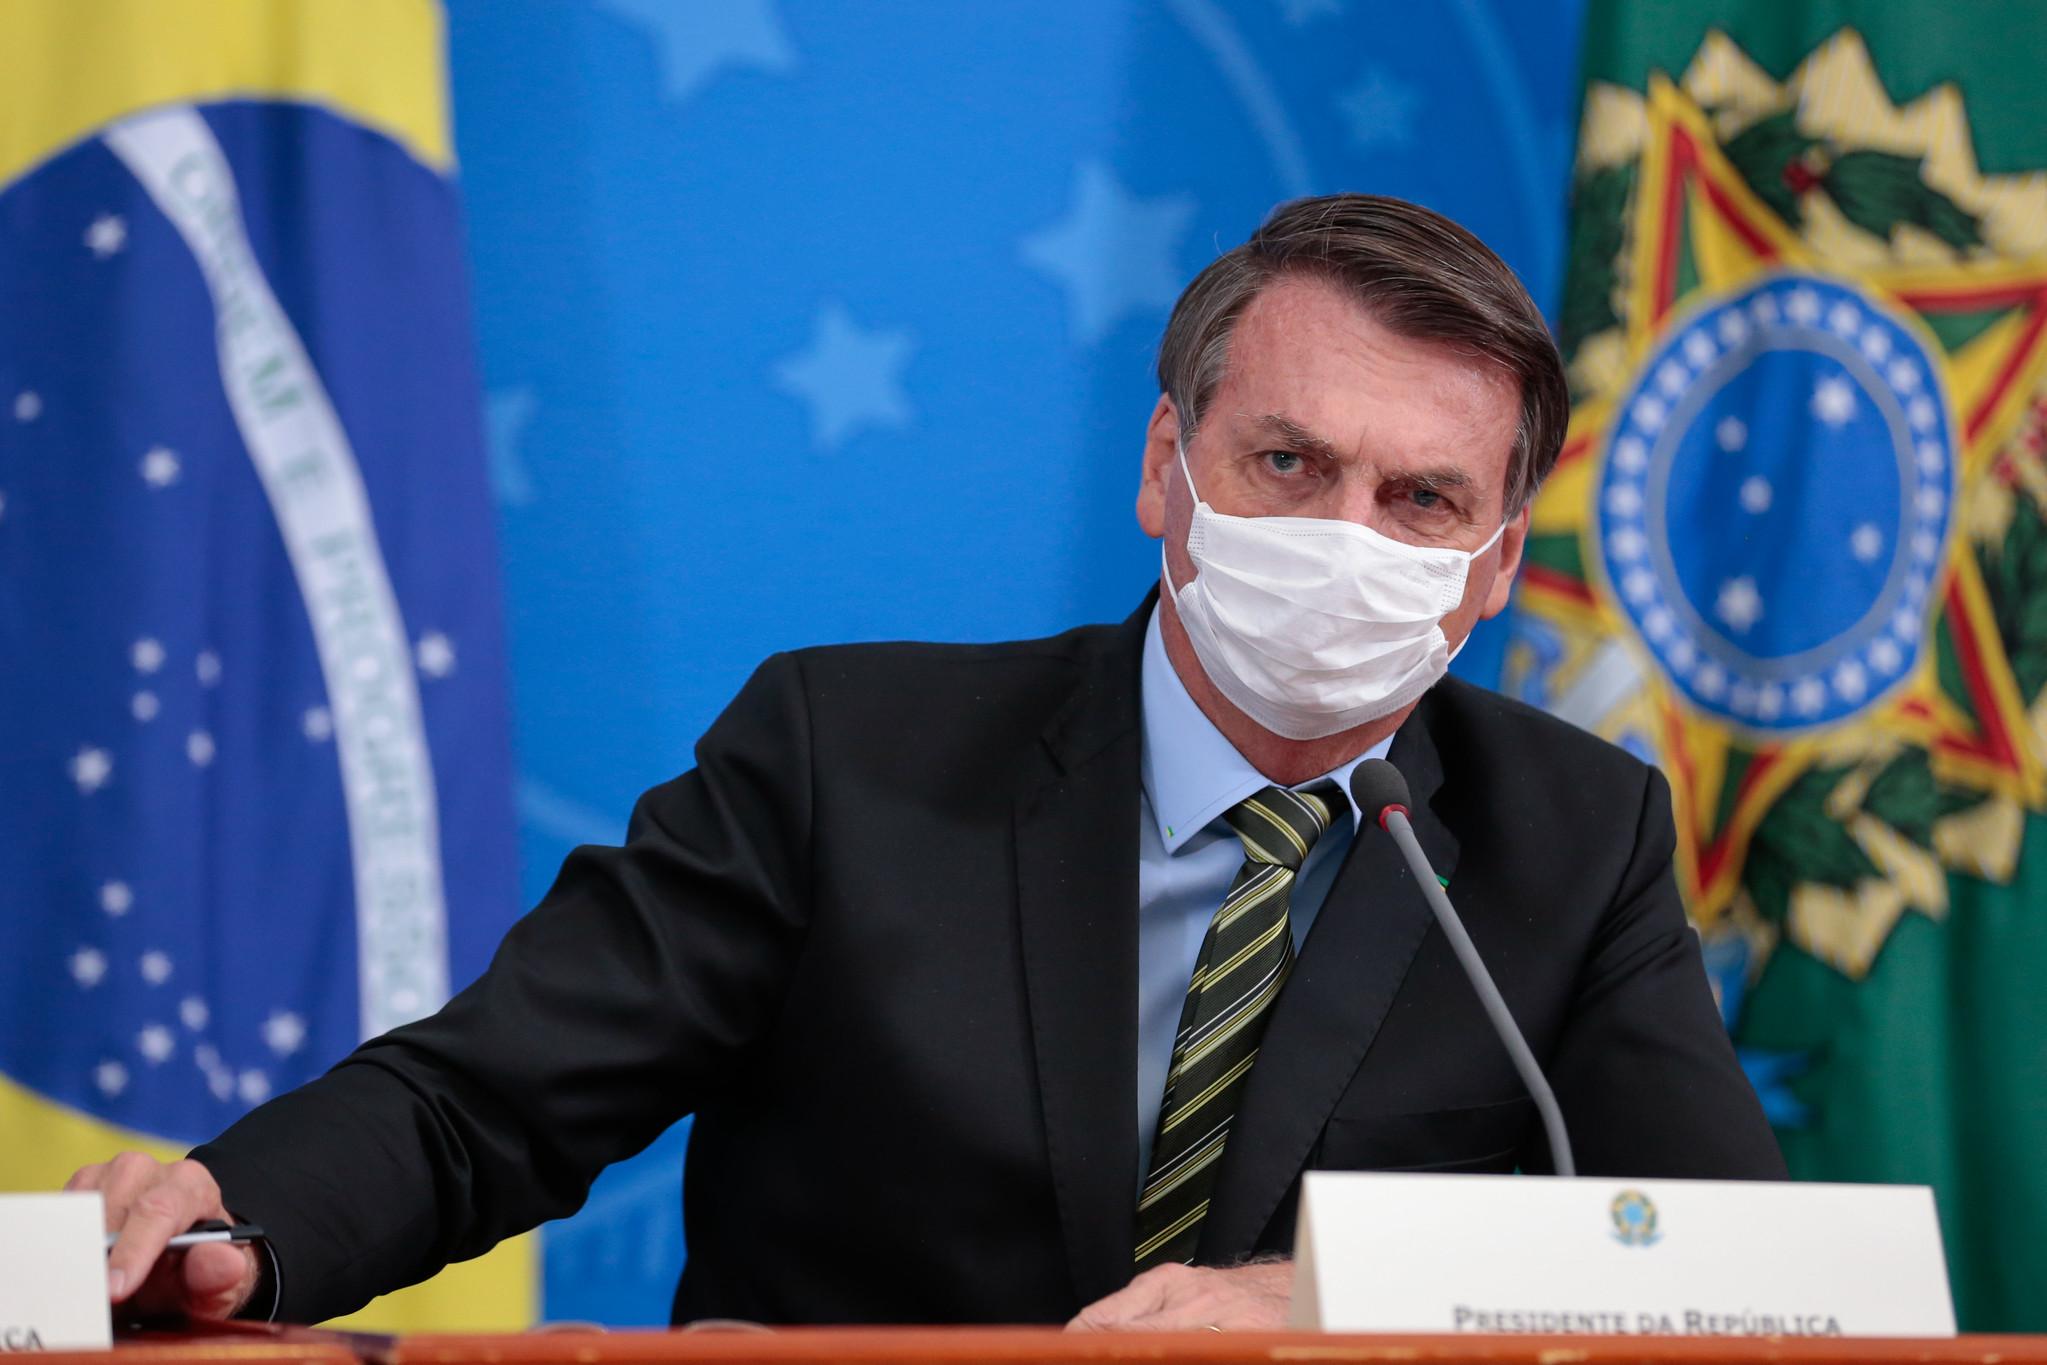 Dünyayı sarsan aşı ölümü! Brezilya'da 28 yaşındaki doktor koronavirüs aşından öldü...